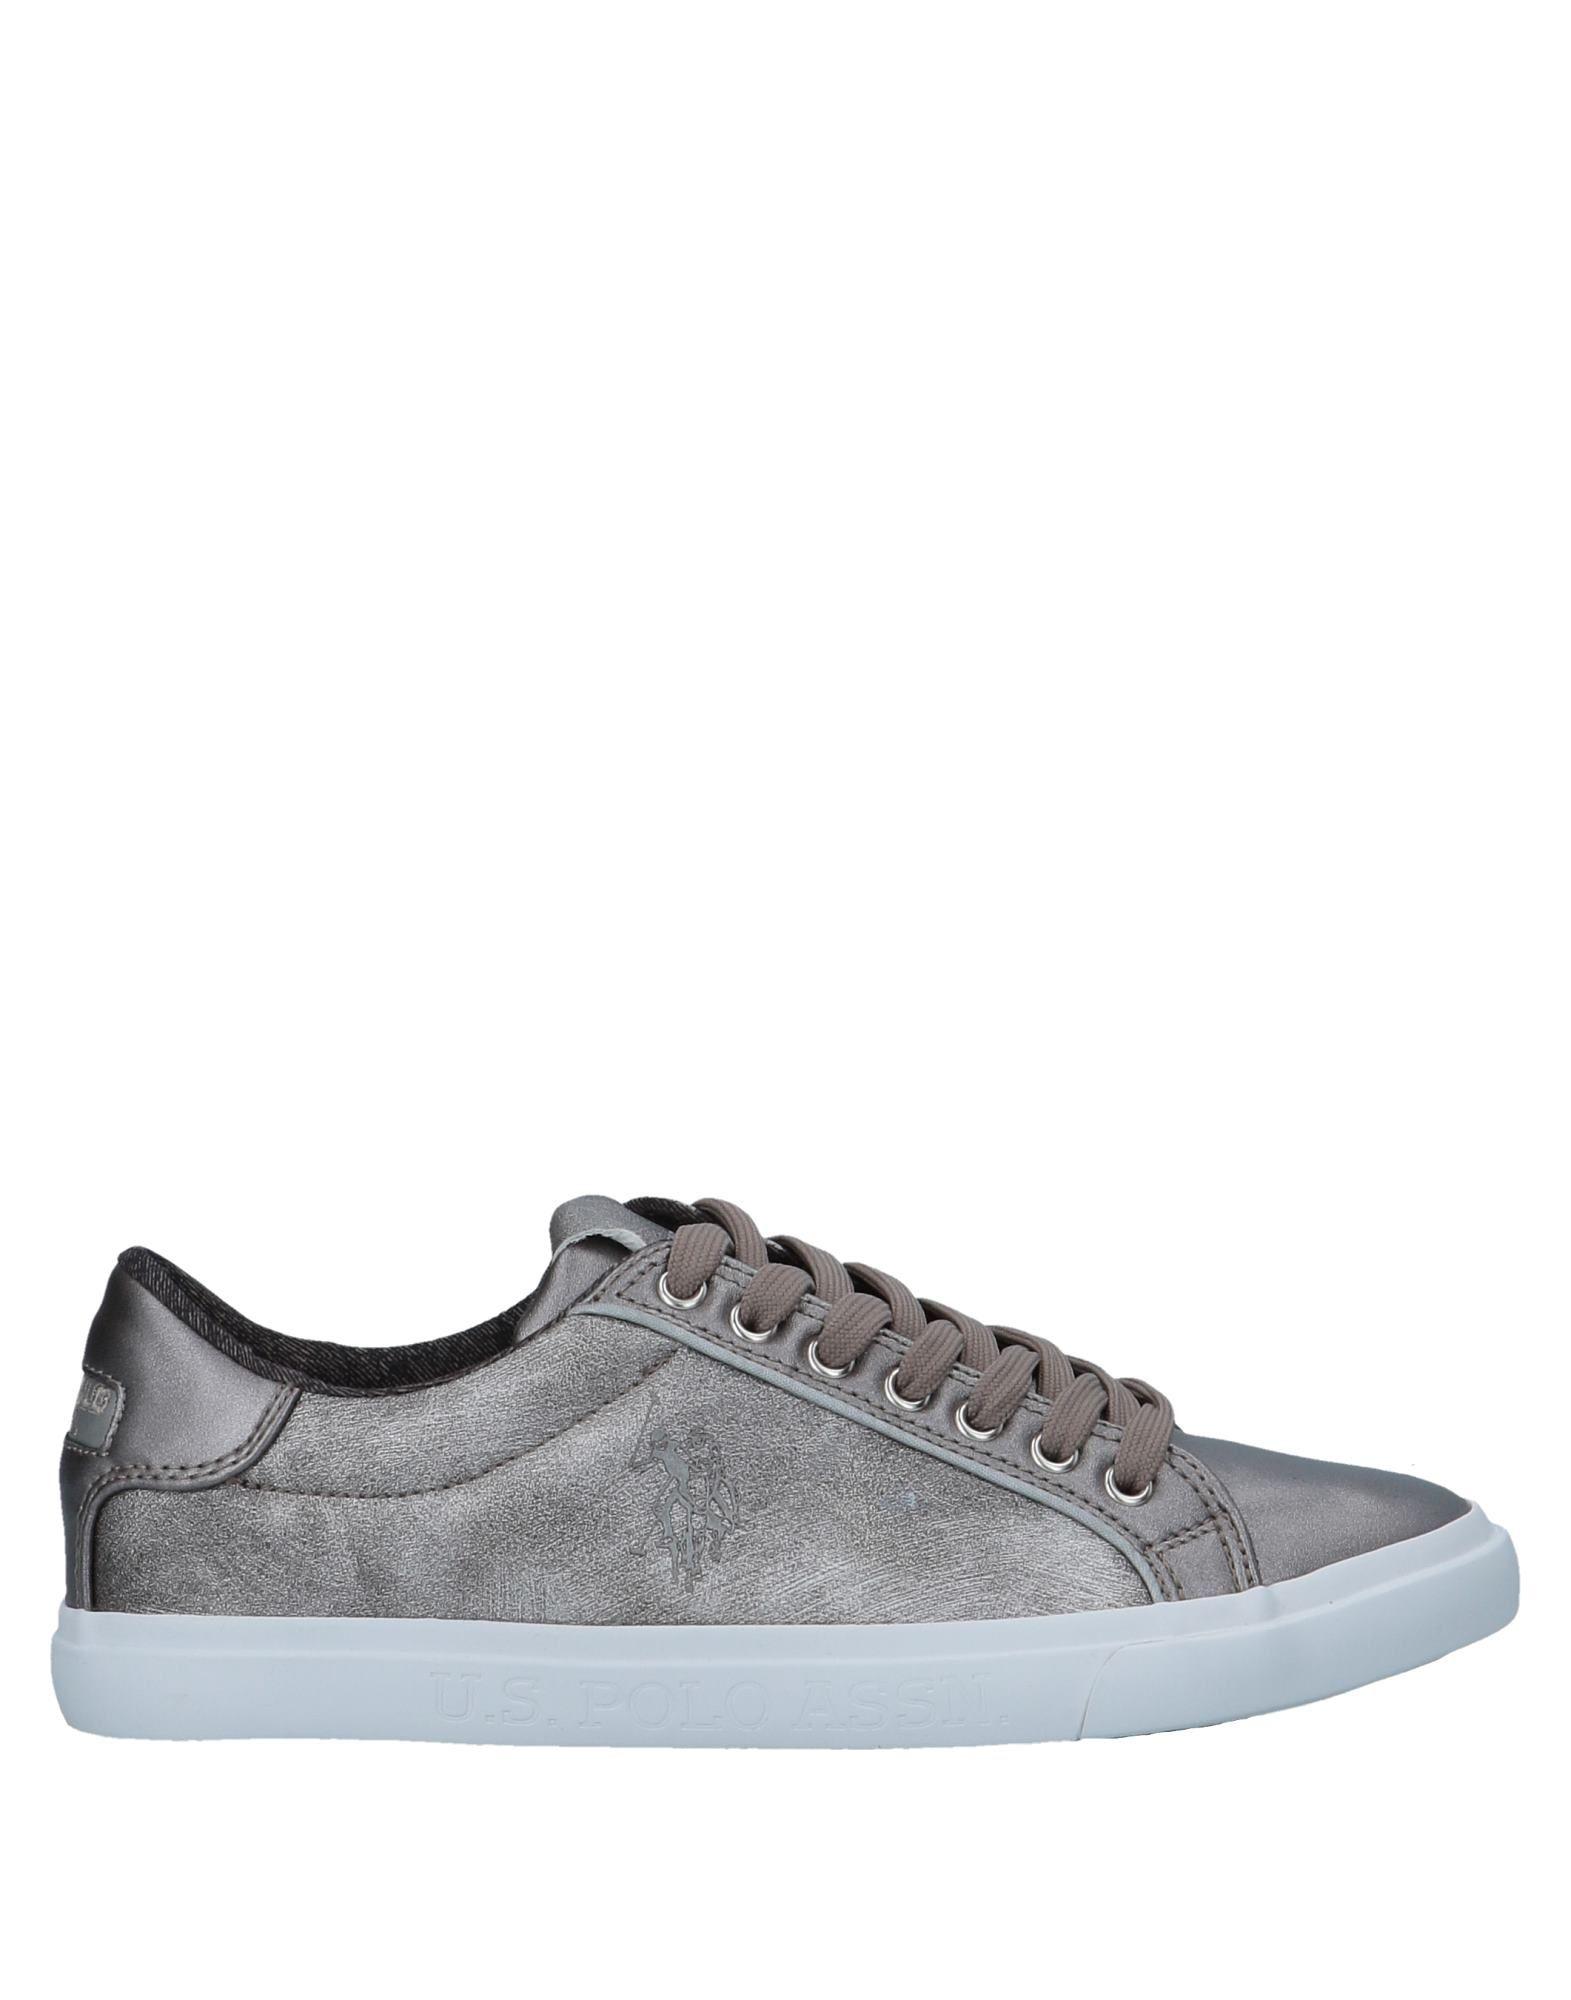 U.S.Polo Assn. Sneakers Damen  11544749IB Gute Qualität beliebte Schuhe